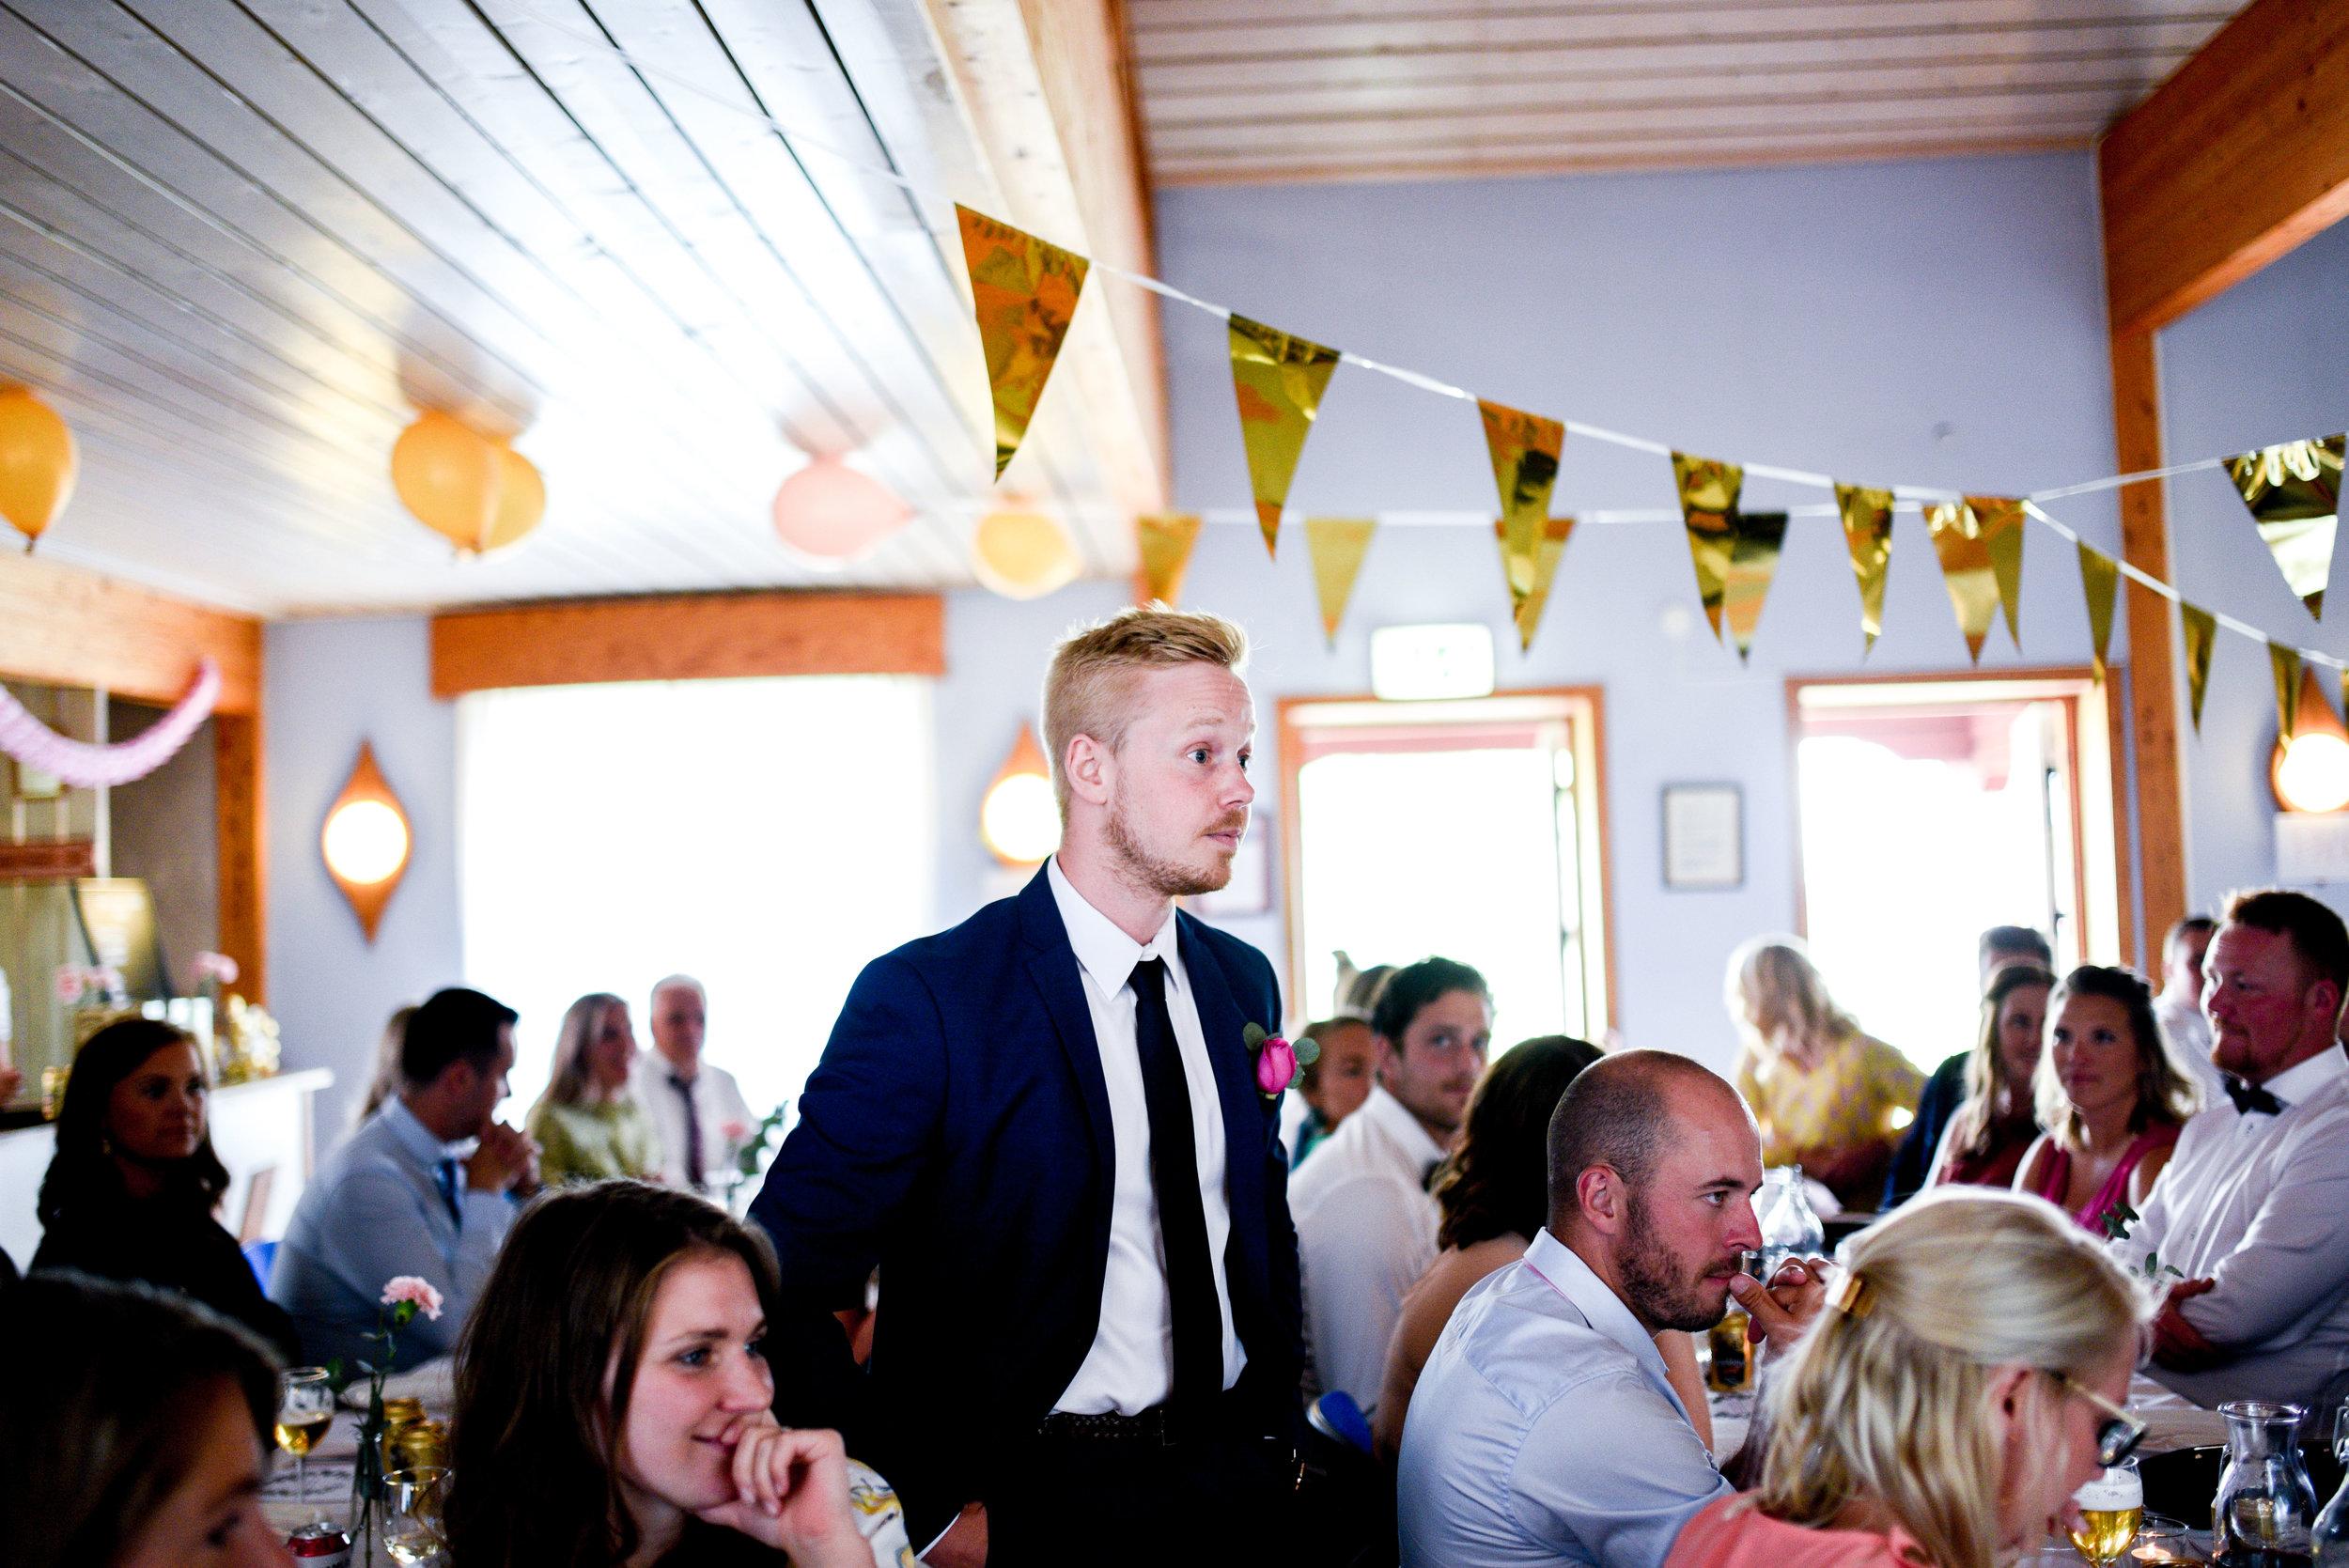 Bröllop2019lågkvall2-6110.jpg